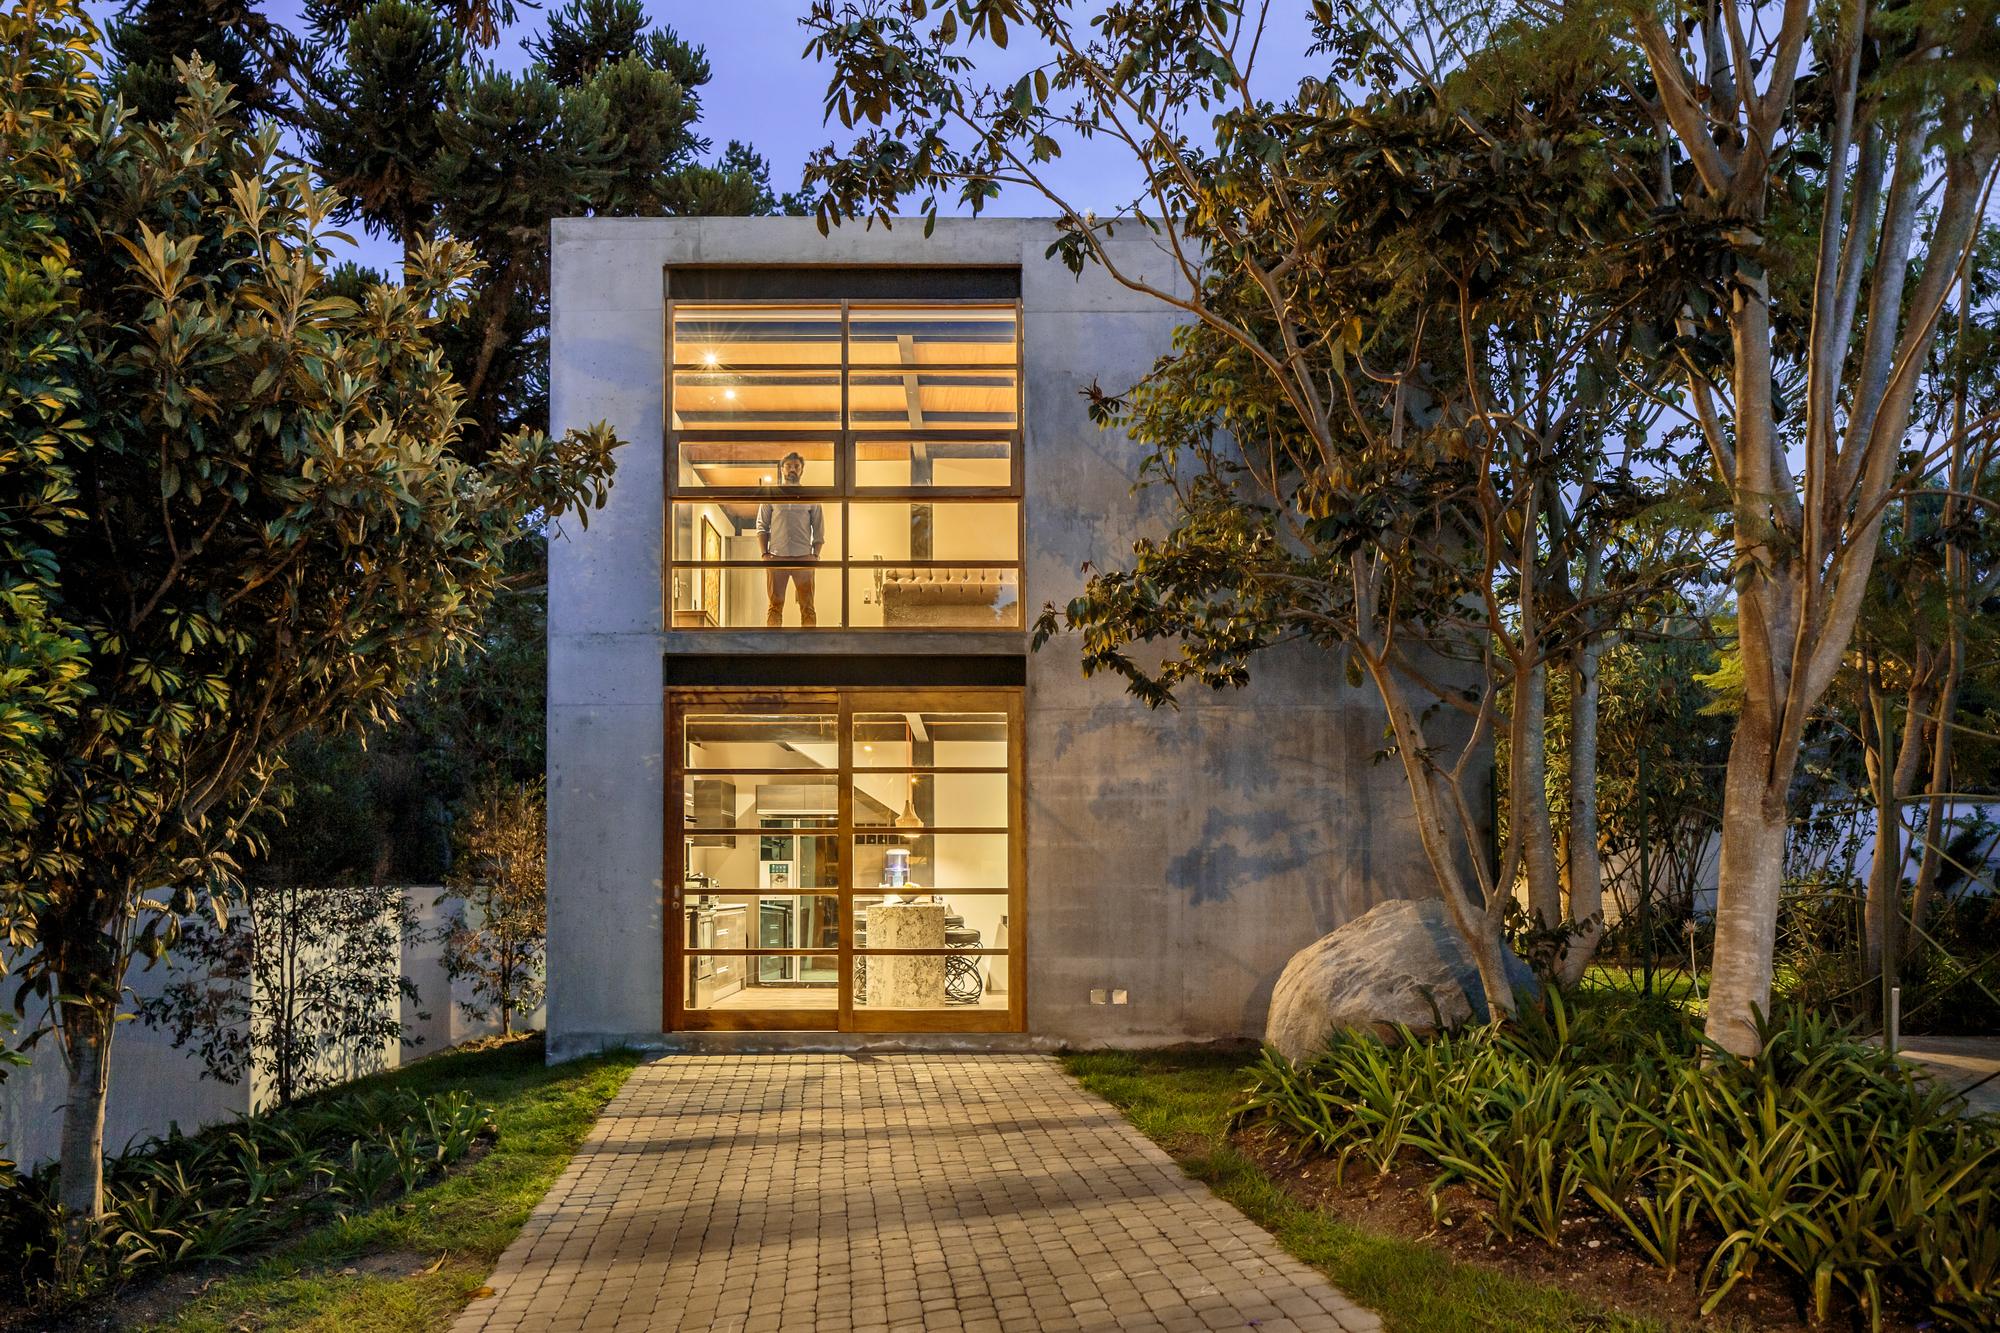 Casa cubo diez muller arquitectos plataforma arquitectura for Casa de arquitectos